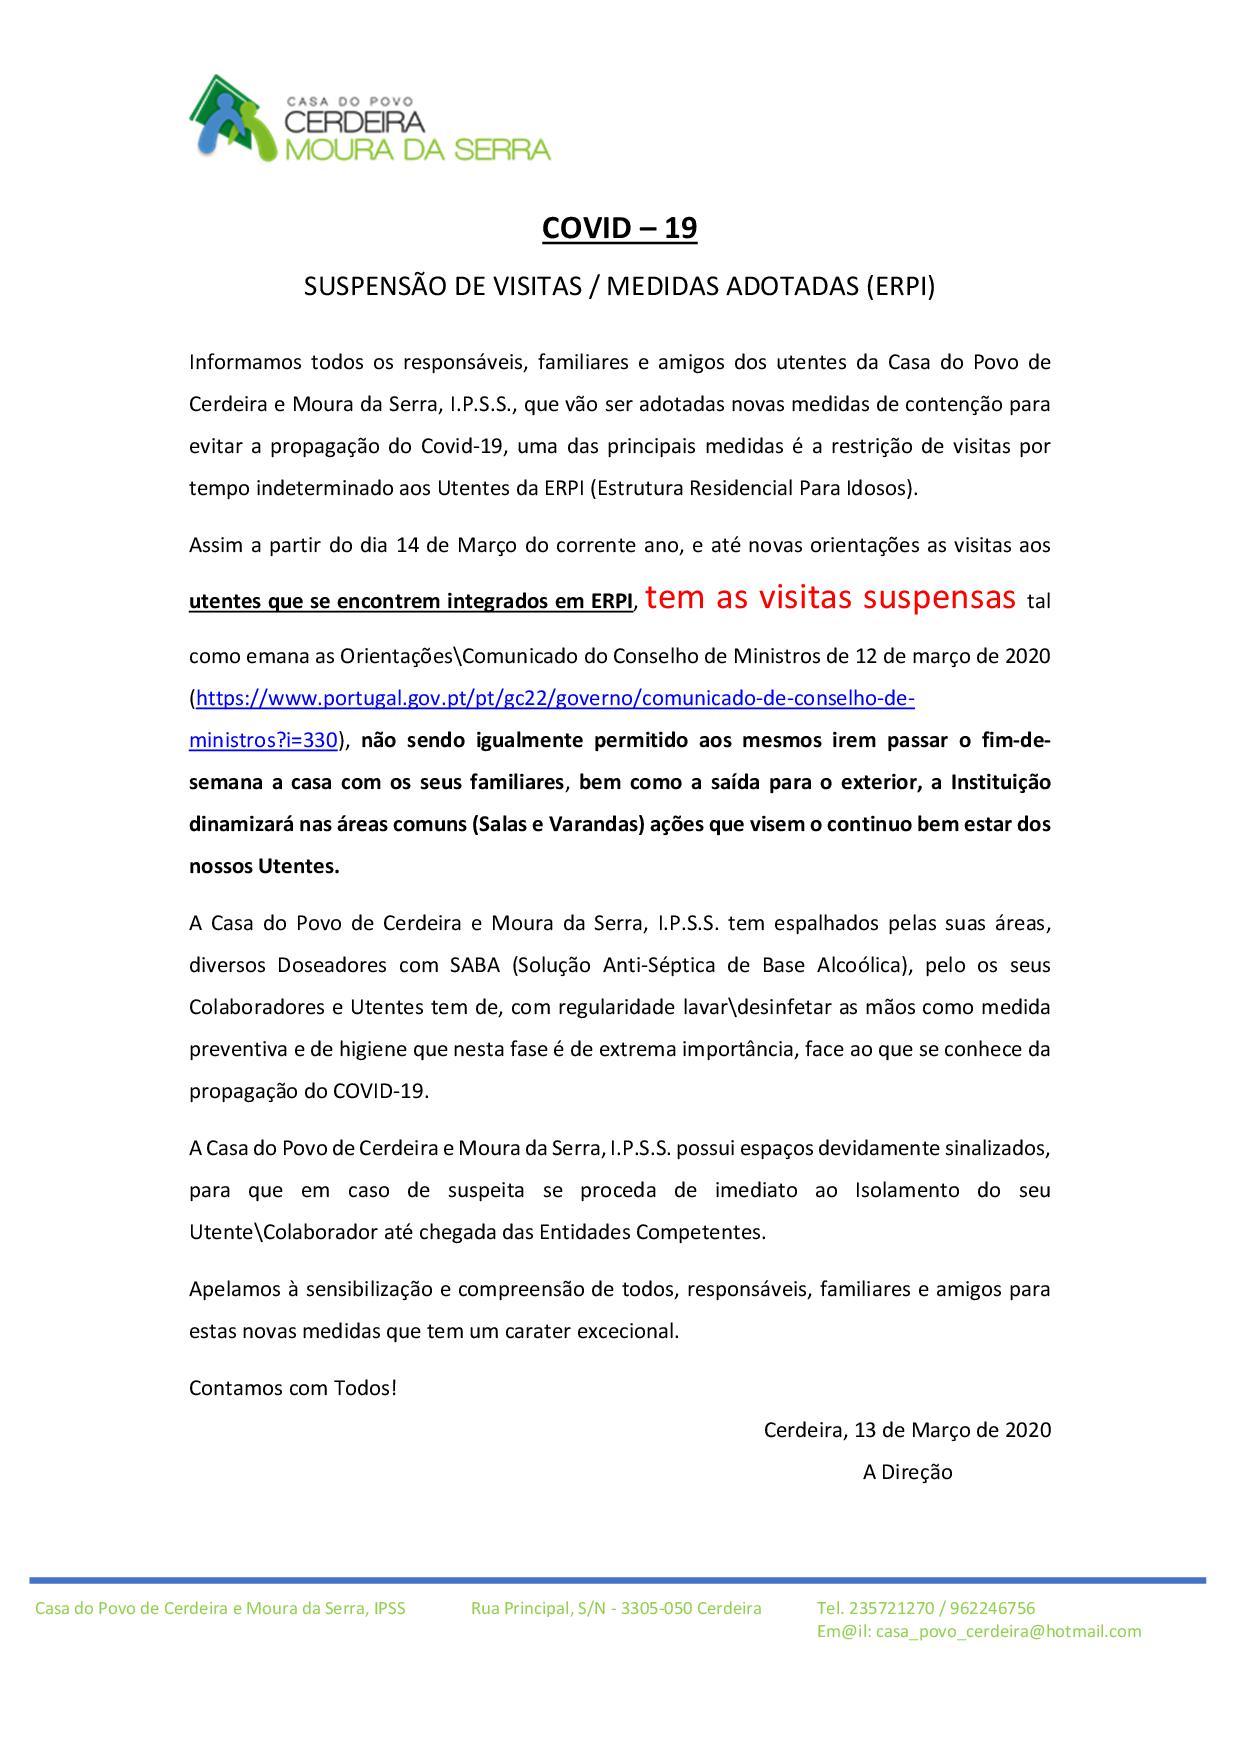 SUSPENSÃO DE VISITAS NO ERPI – AVISO IMPORTANTE (COVID-19)